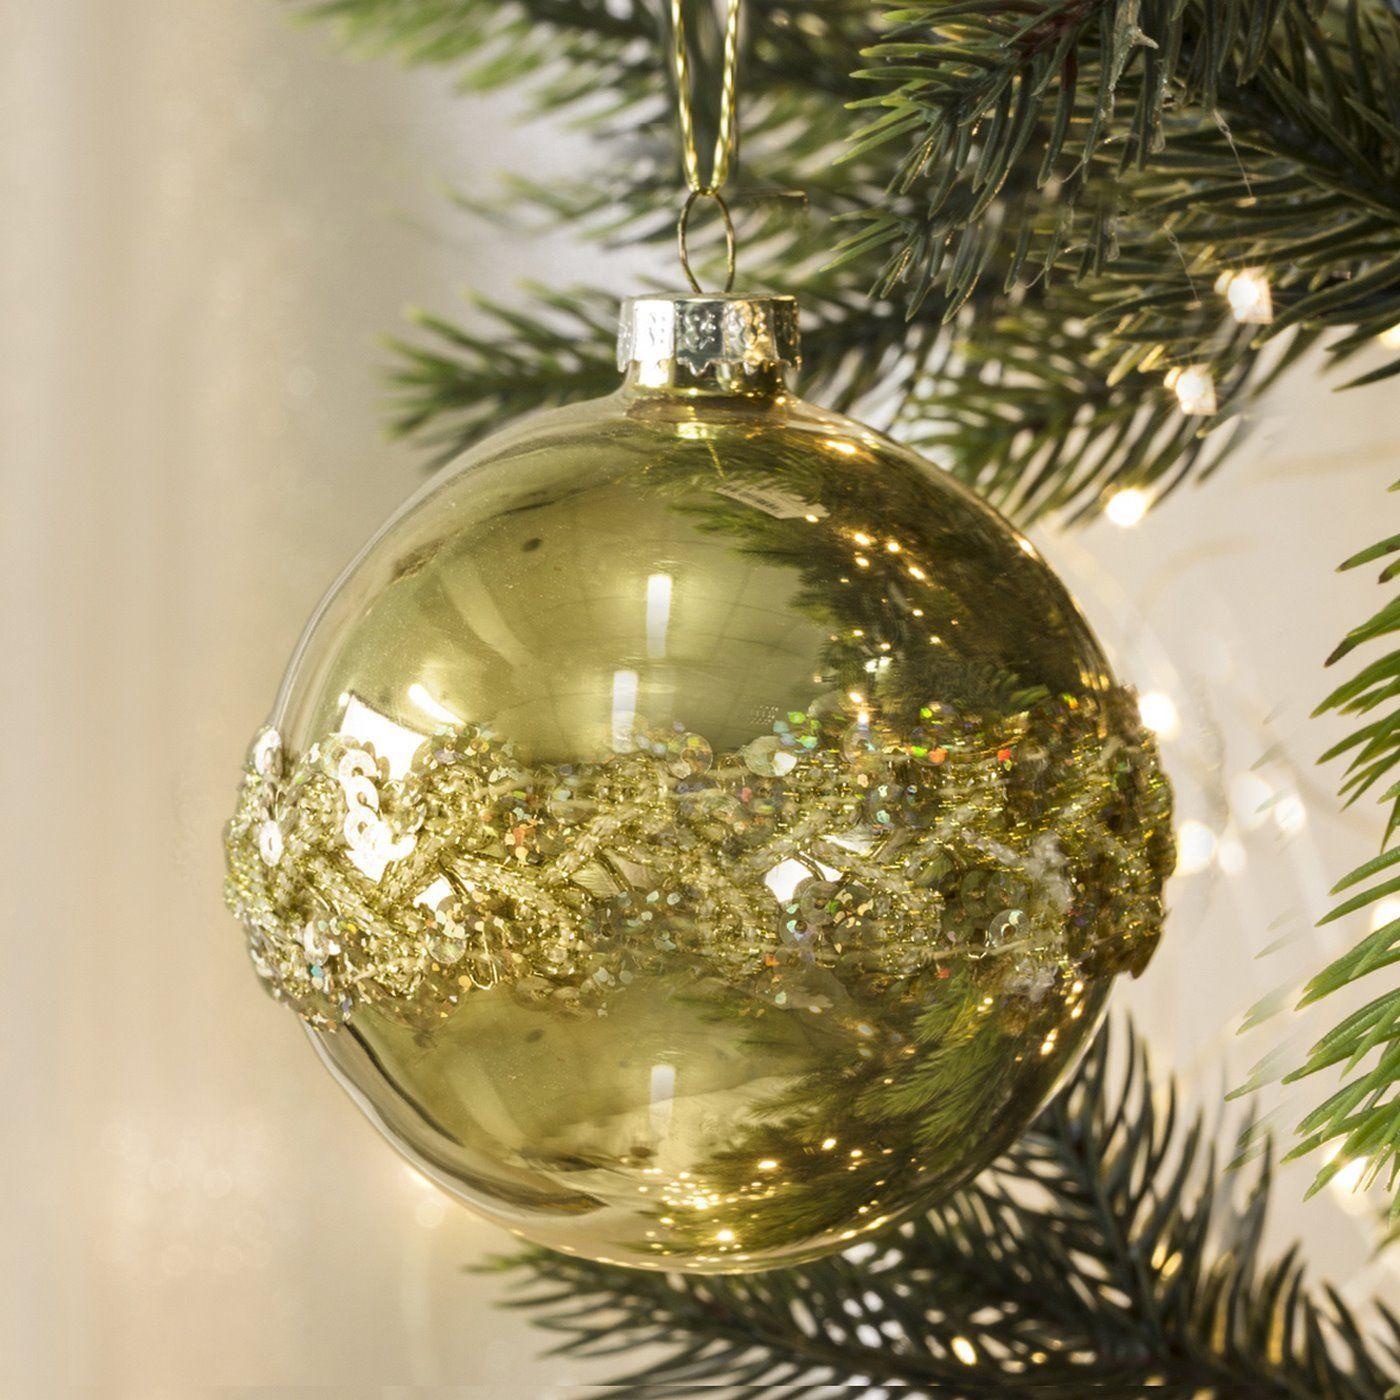 Bombka Szklana Cairo Bombka Szklana Cairo Zdobiona Aplikacja Z Cekinow O Srednicy 8 Cm W Kolorze Zlotym Eu Christmas Bulbs Christmas Ornaments Holiday Decor